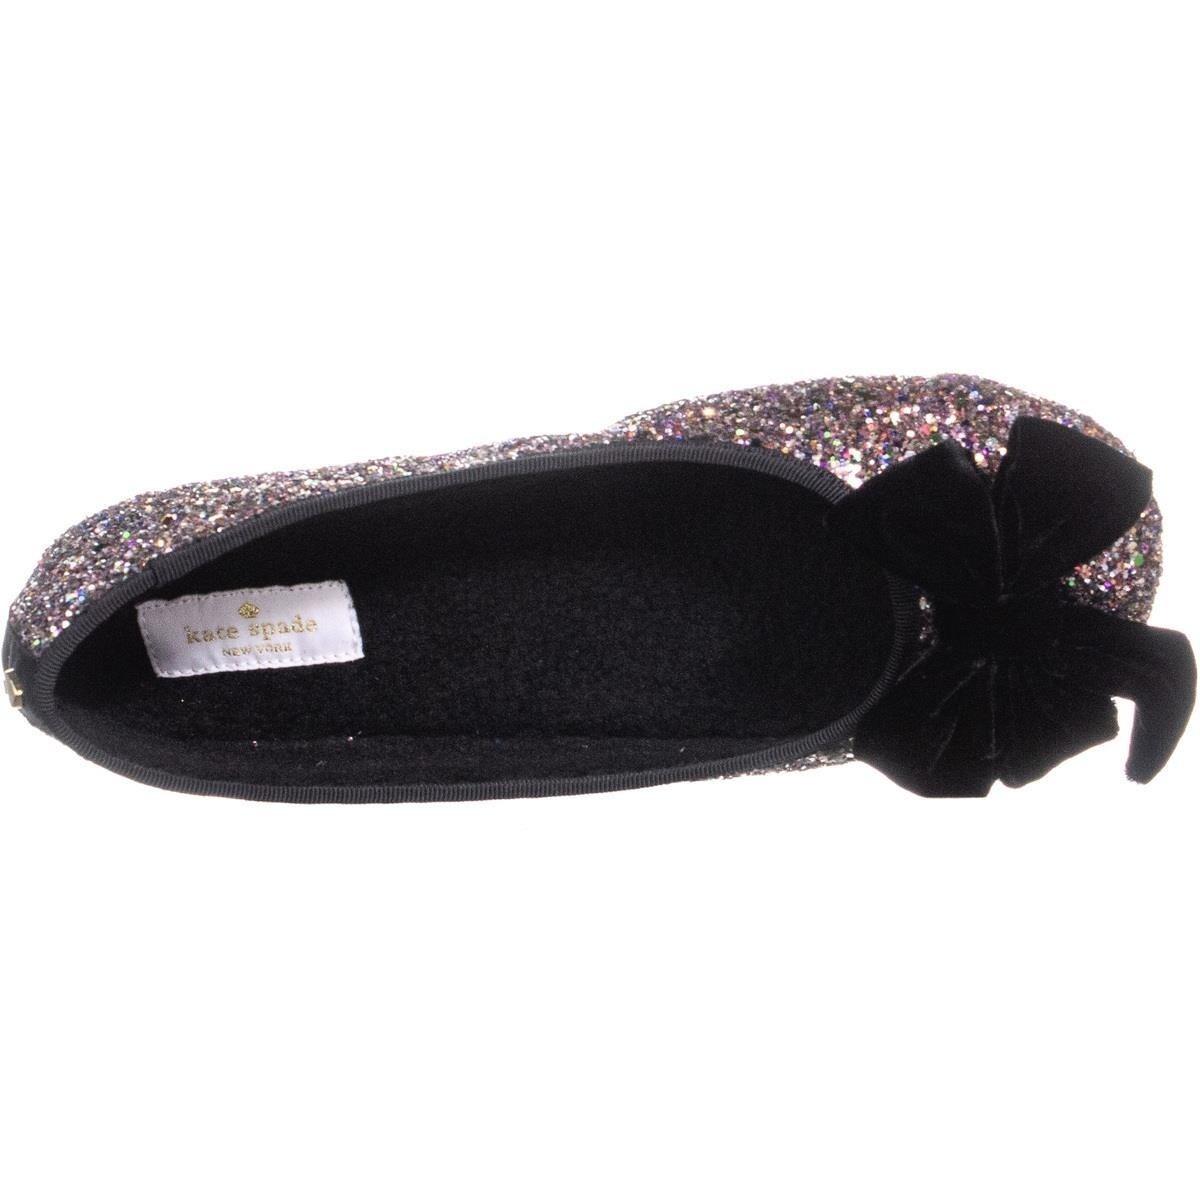 c7fe307474a4 Shop Kate Spade New York Sussex Glitter Ballet Flats